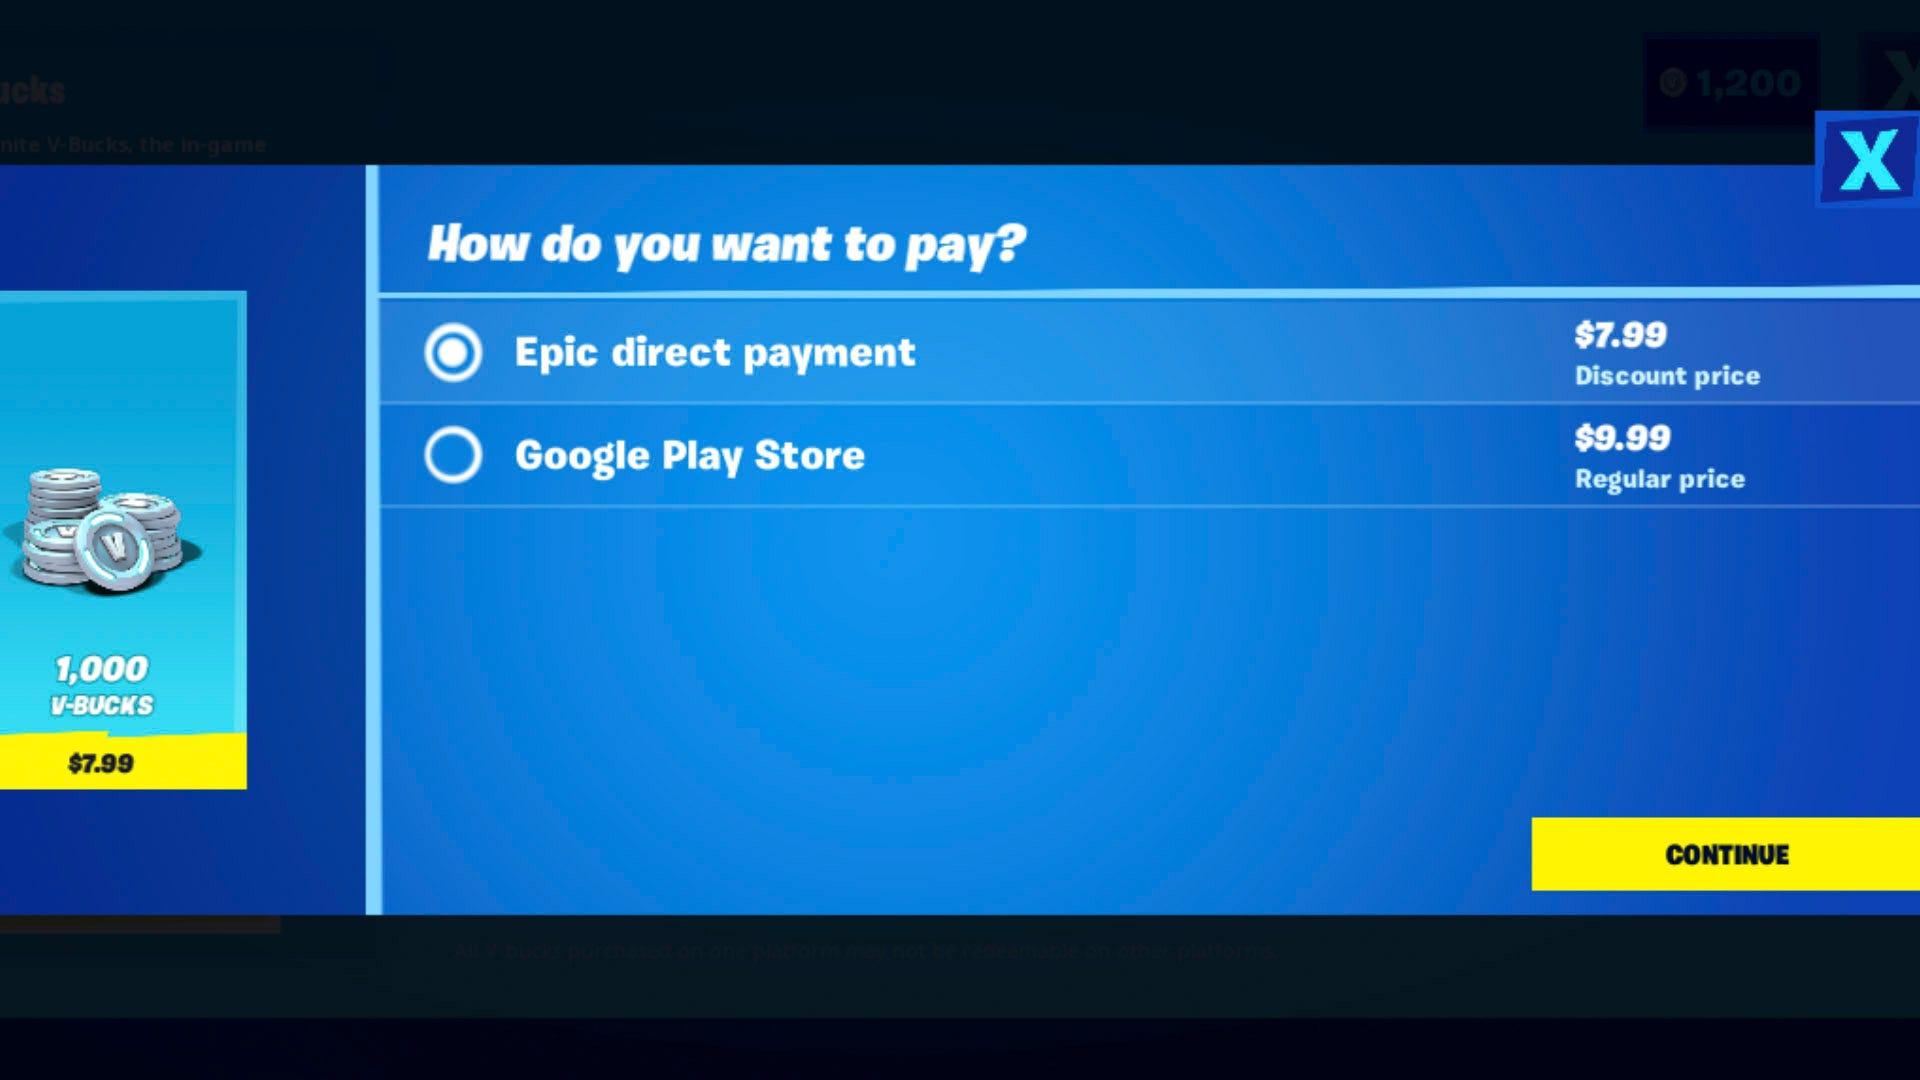 Các Fortnite ứng dụng với hai phương thức thanh toán với các mức giá khác nhau.